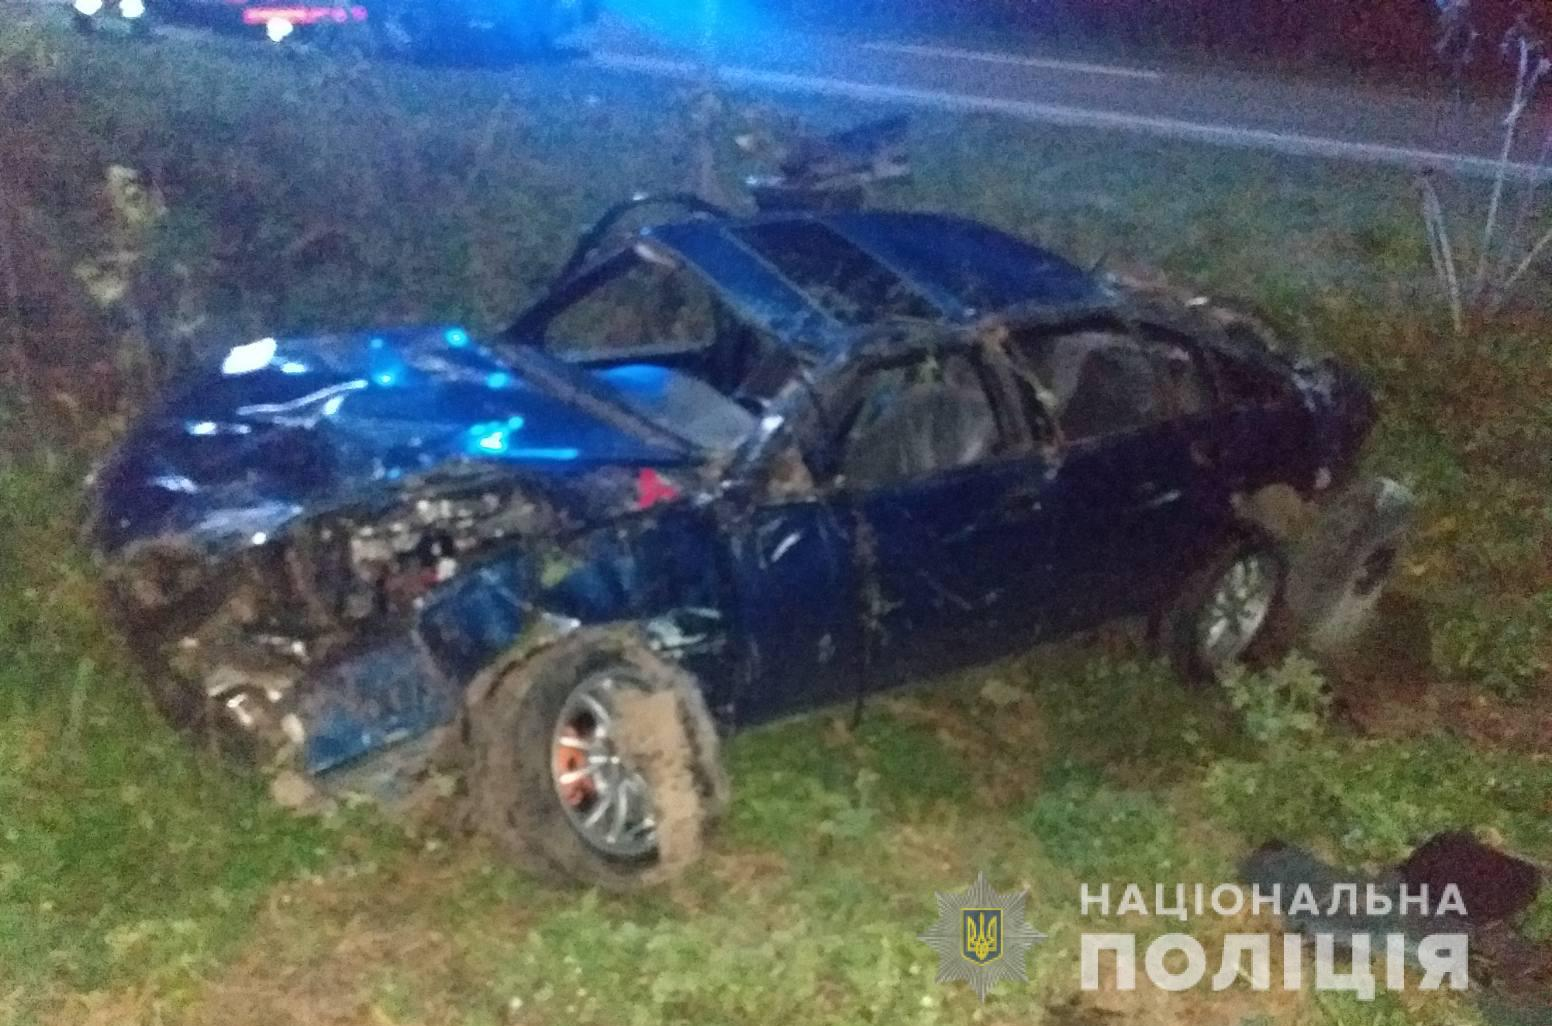 Внаслідок ДТП у Луцькому районі водій та пасажир потрапили до лікарні